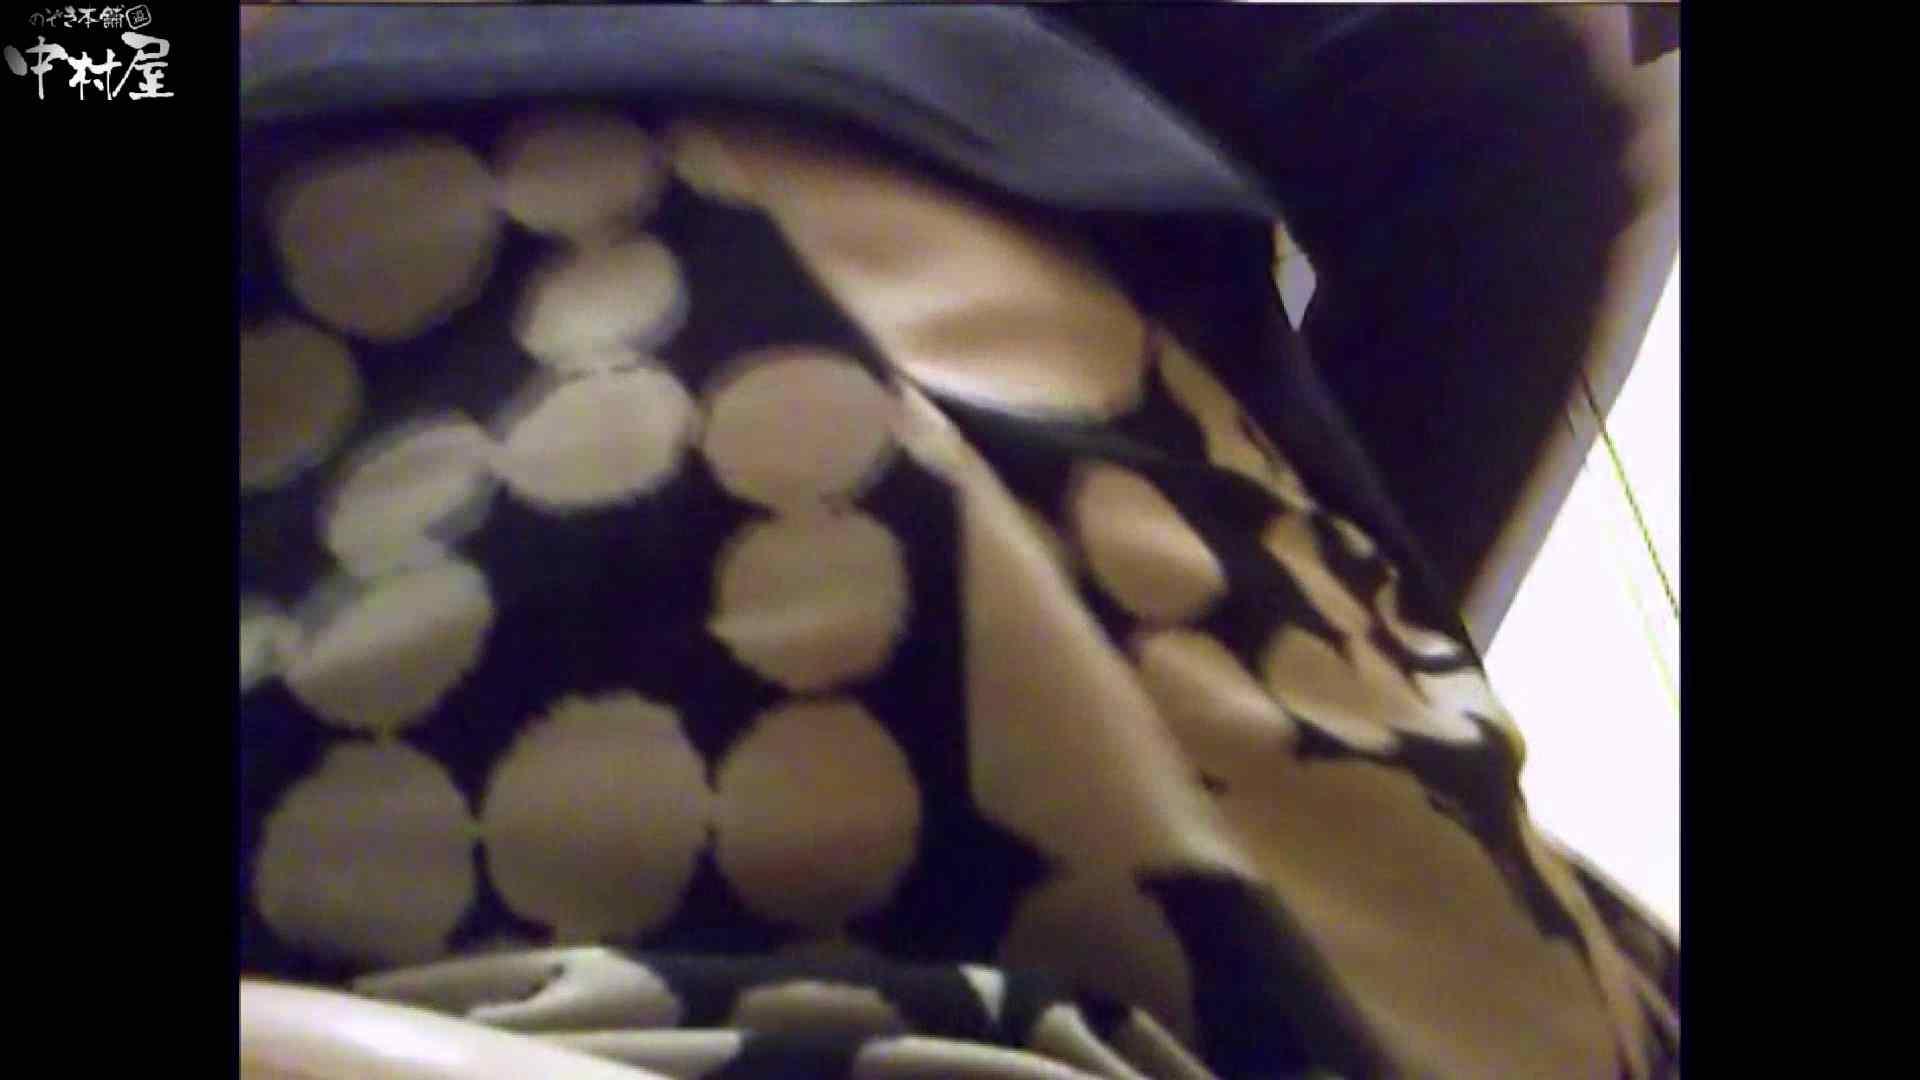 ガチ盗撮!突撃!女子化粧室の真実~セカンドシーズン~vo.04 盗撮師作品  80pic 56